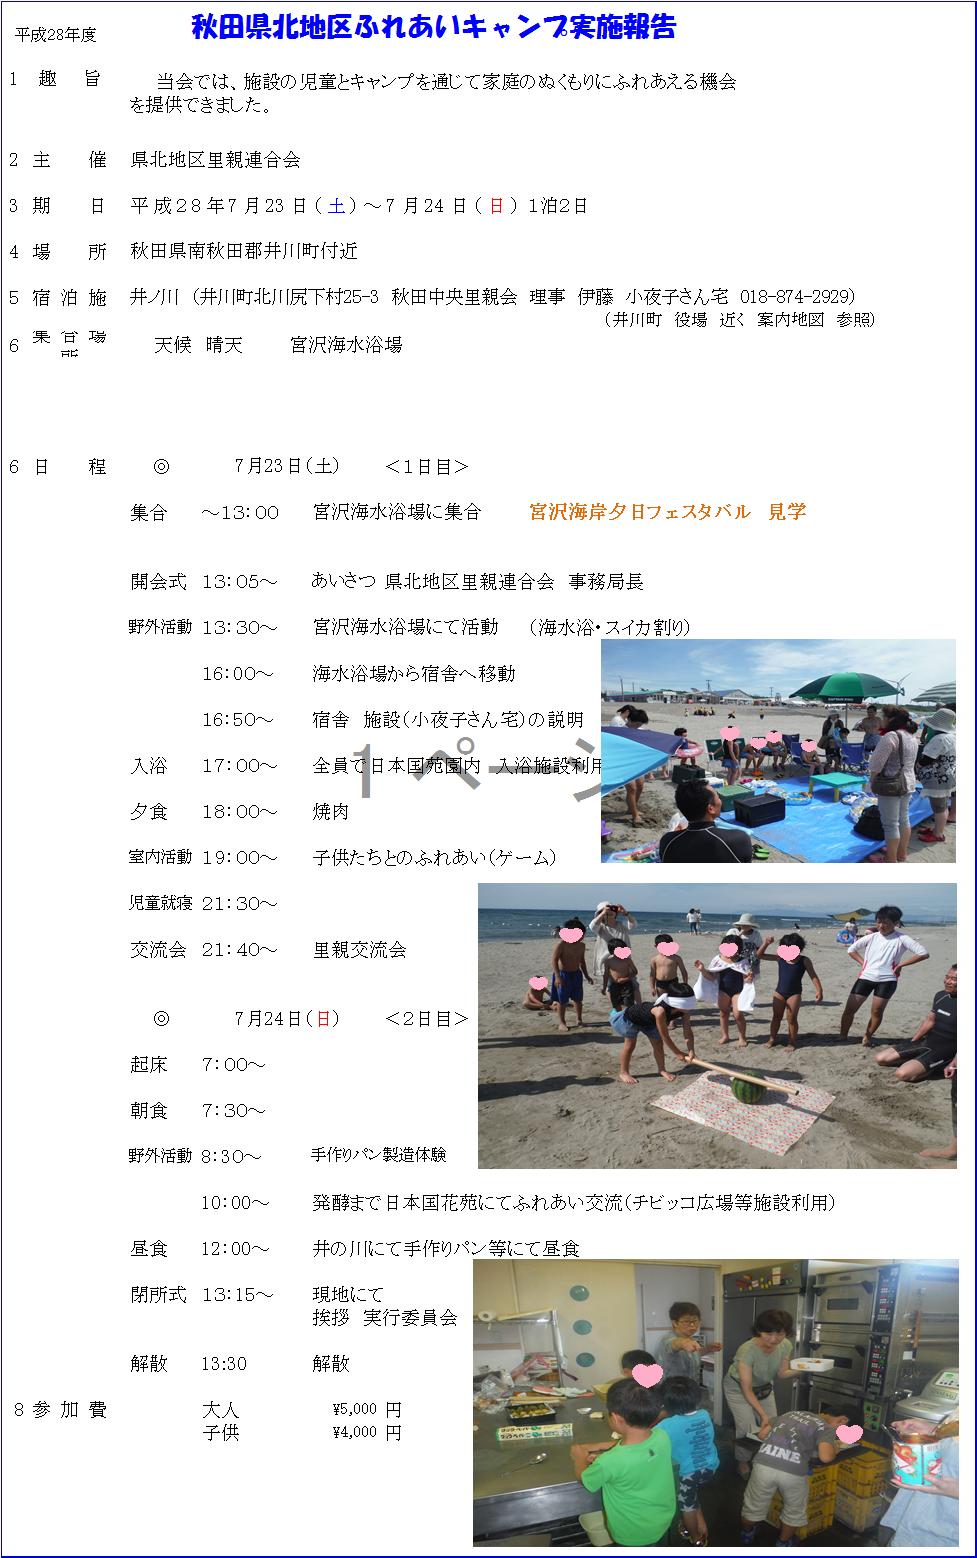 秋田県北地区ふれあいキャンプ実施報告